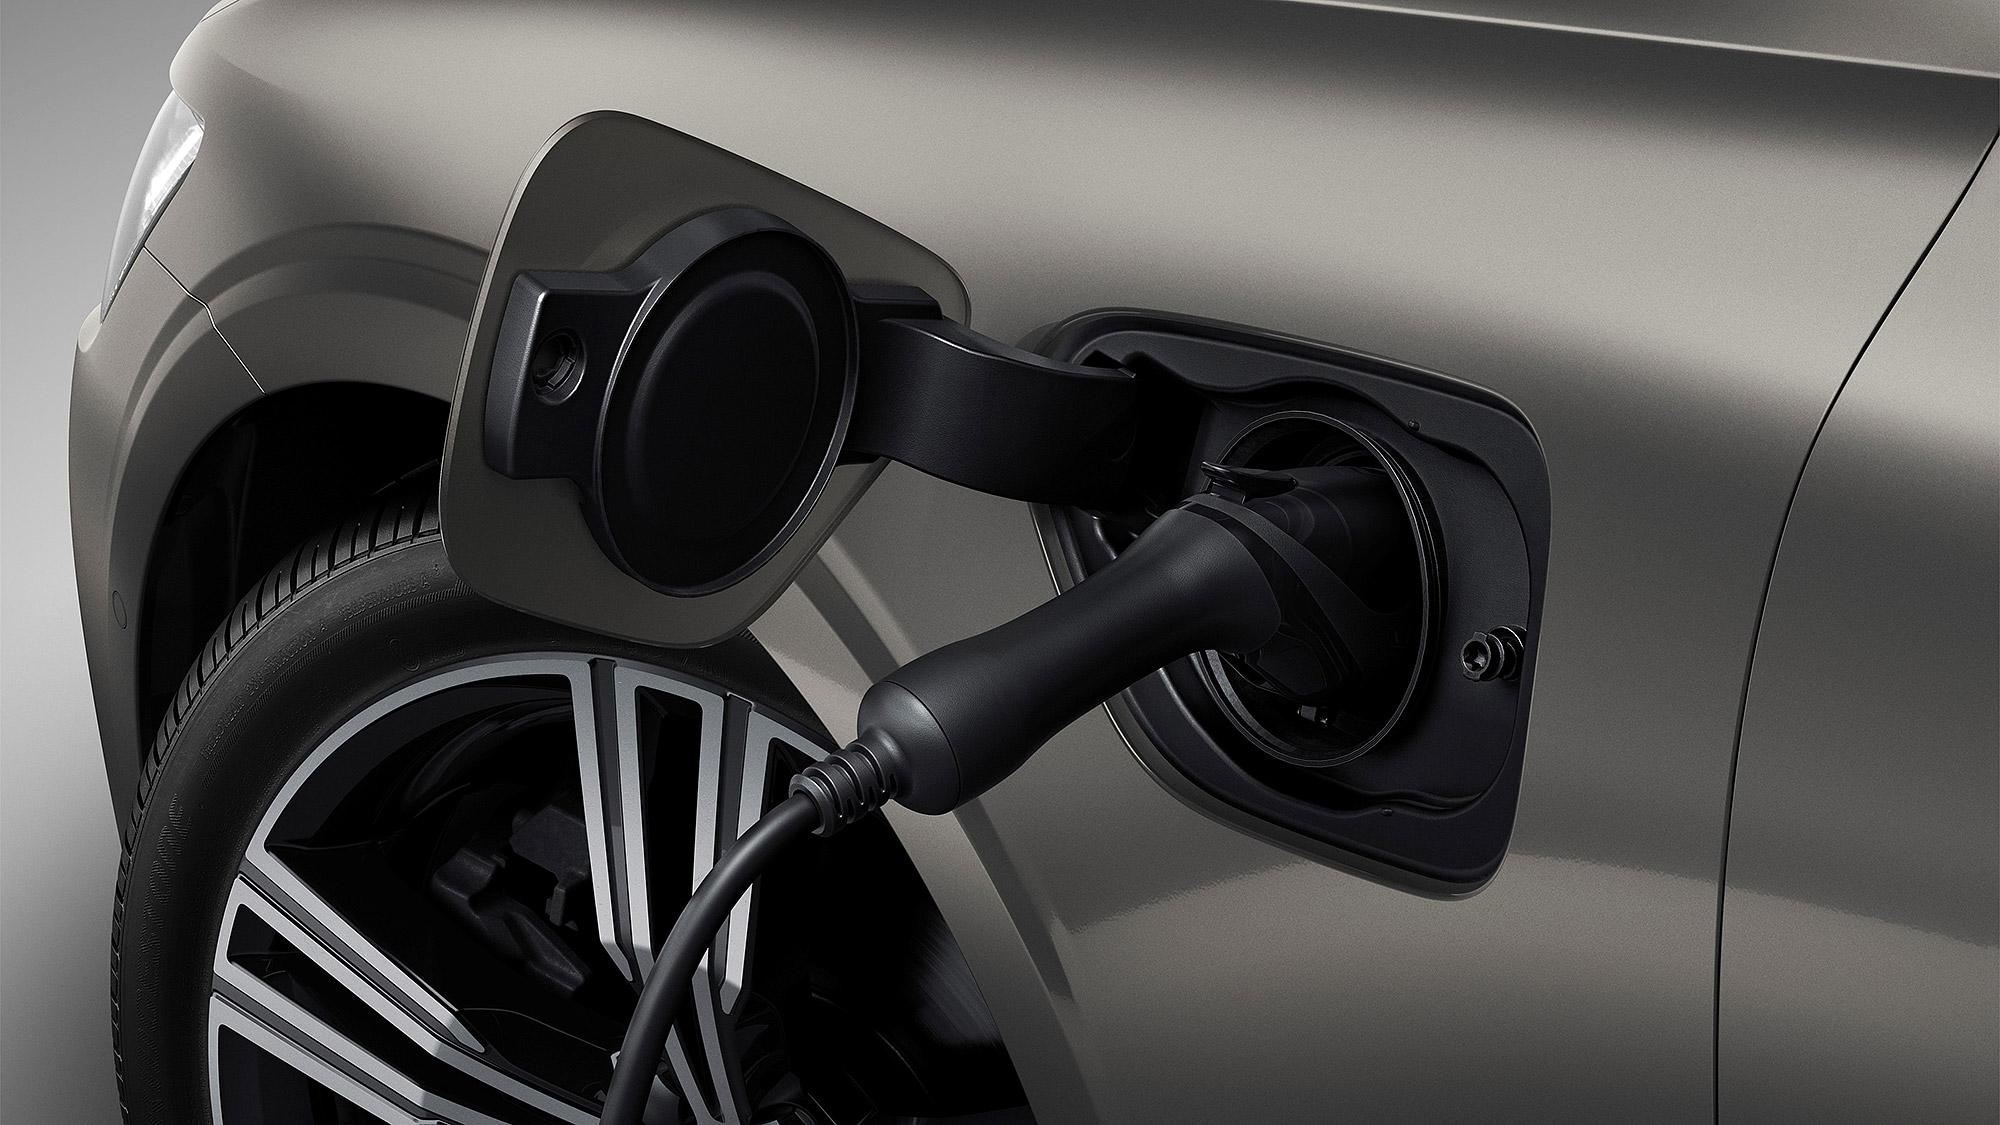 押寶 PHEV , Volvo 意旨搶佔電動時代灘頭堡